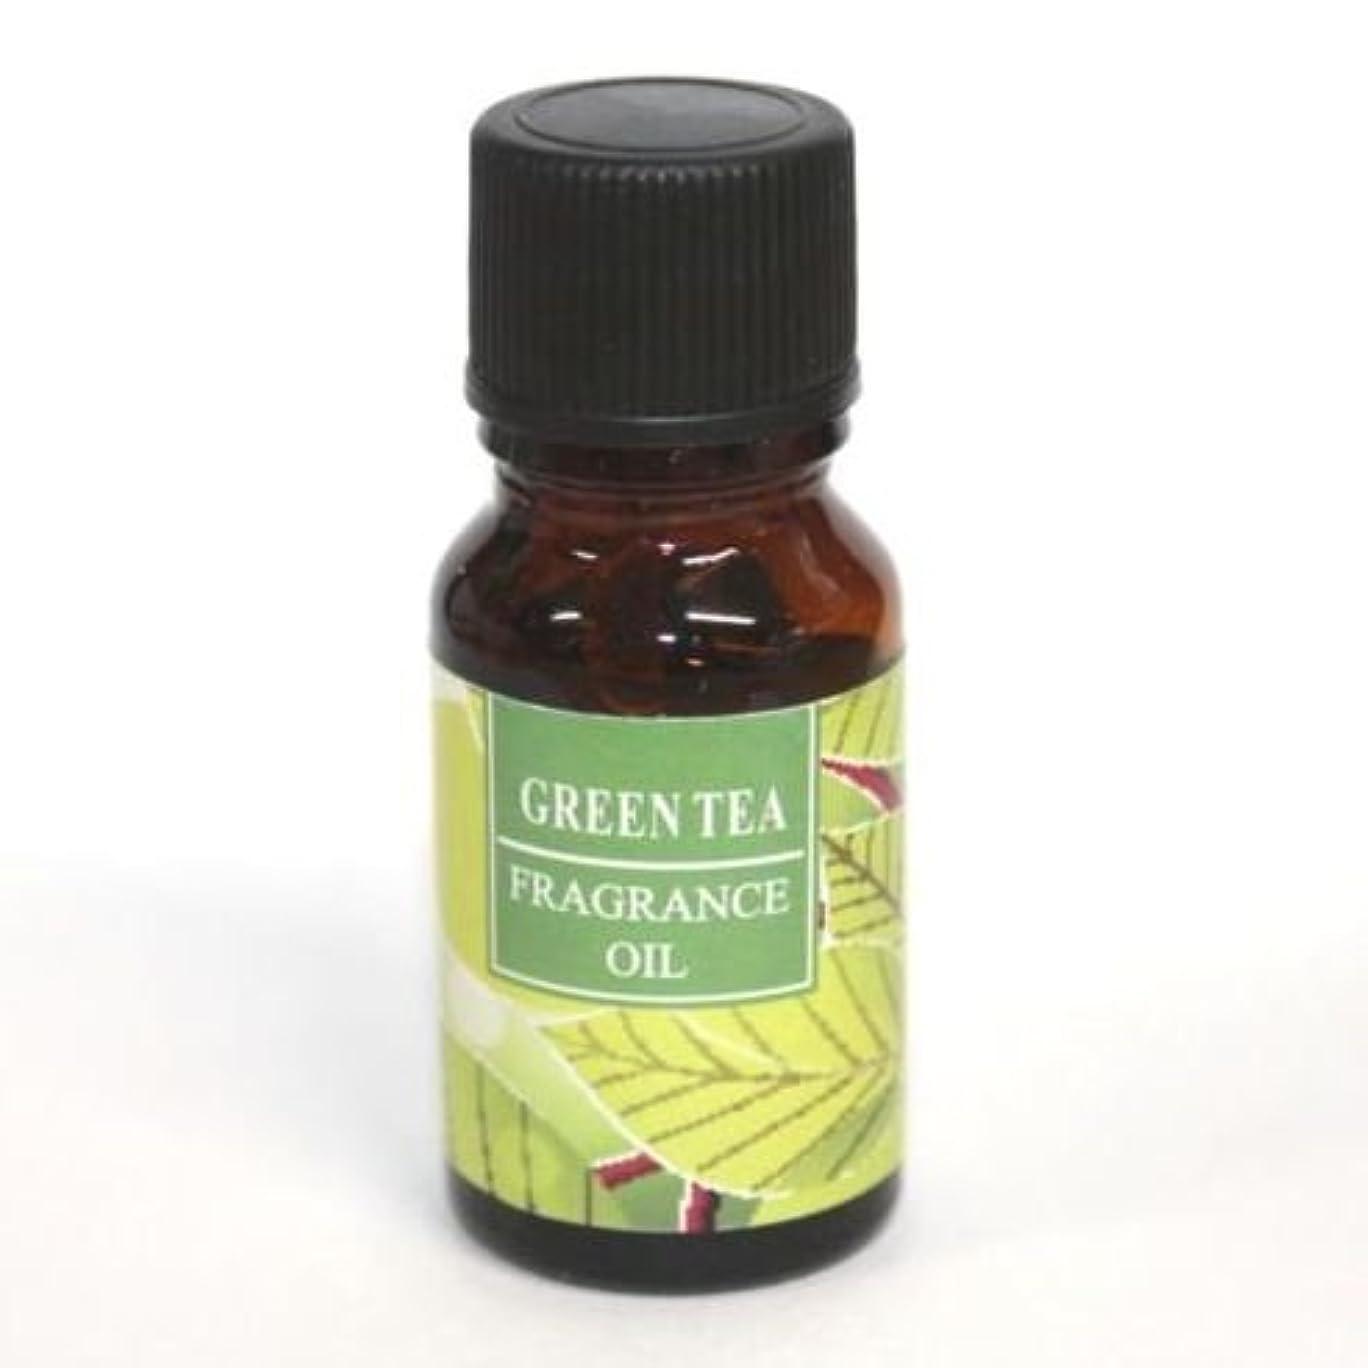 バーター取得配管工RELAXING アロマオイル AROMA OIL フレグランスオイル GREEN TEA 緑茶の香り RQ-09